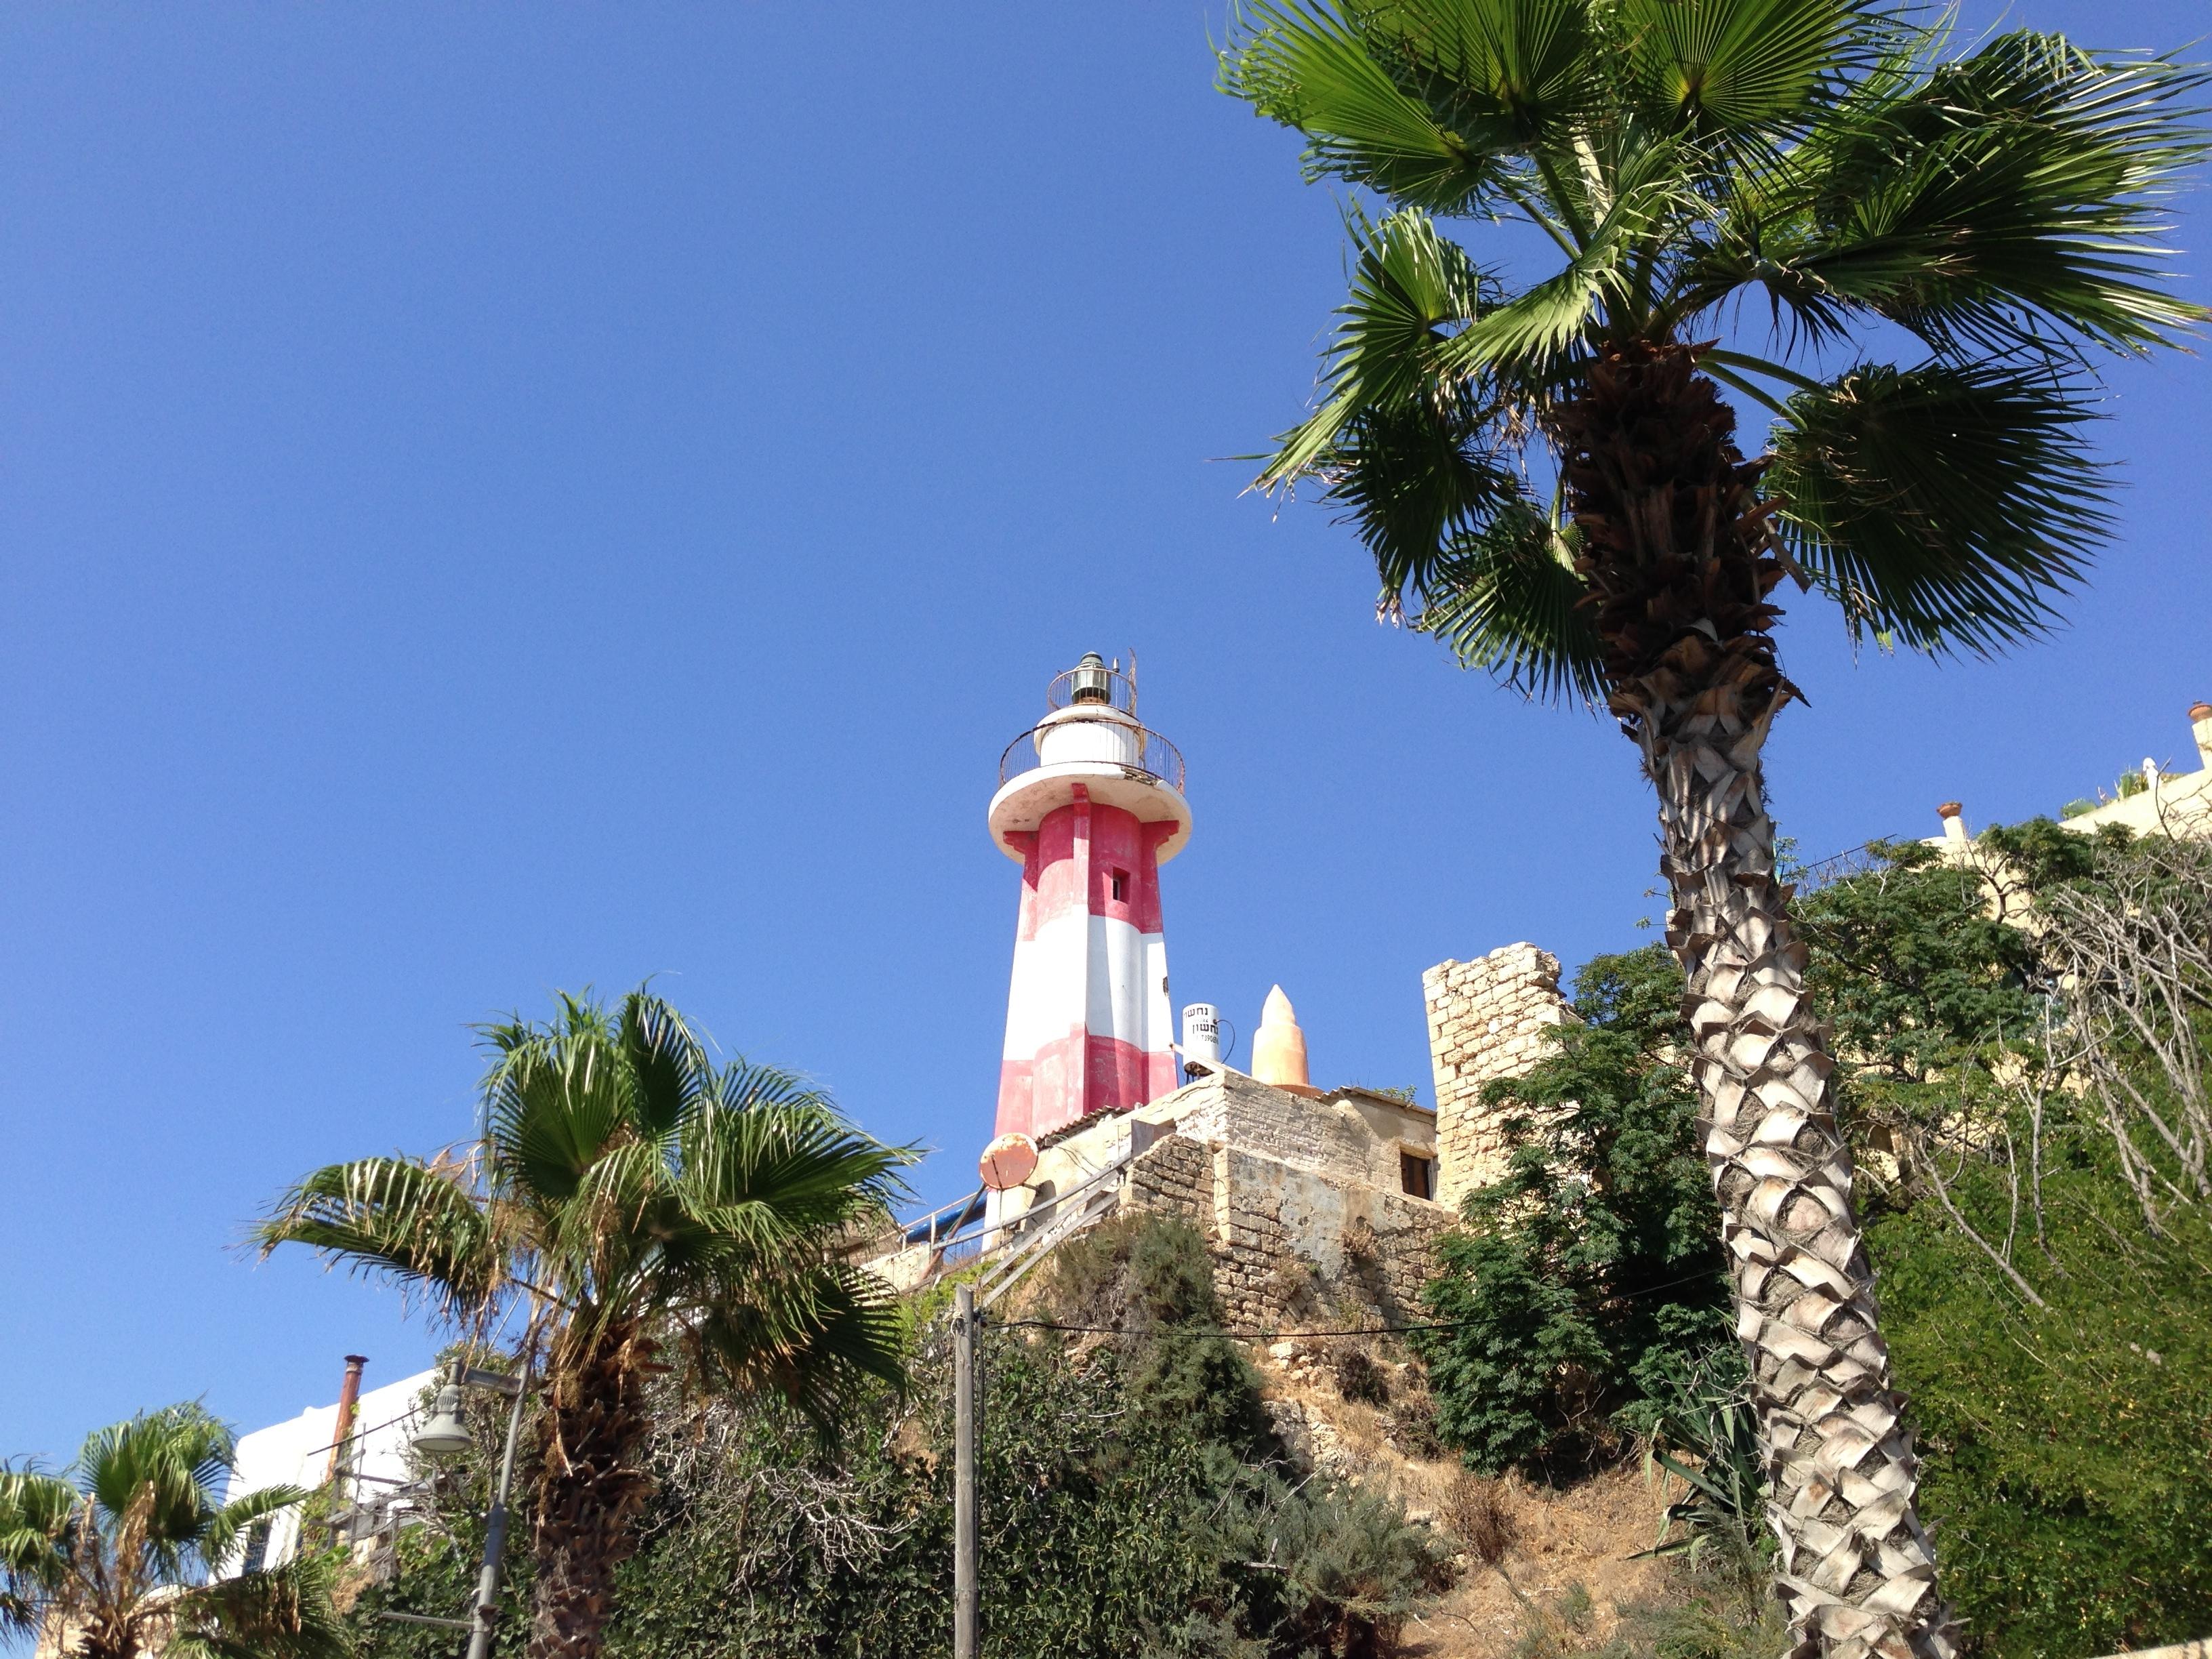 Livet Studio - Lighthouse